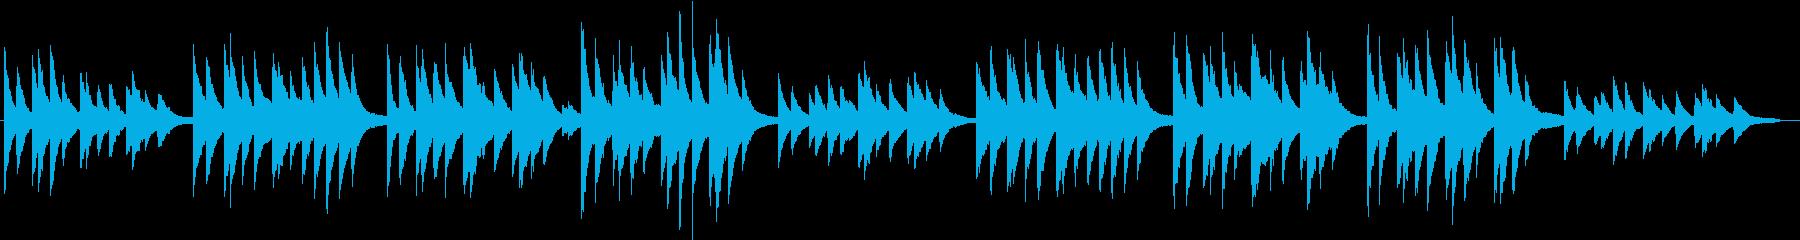 蛍の光(ピアノカバー)の再生済みの波形